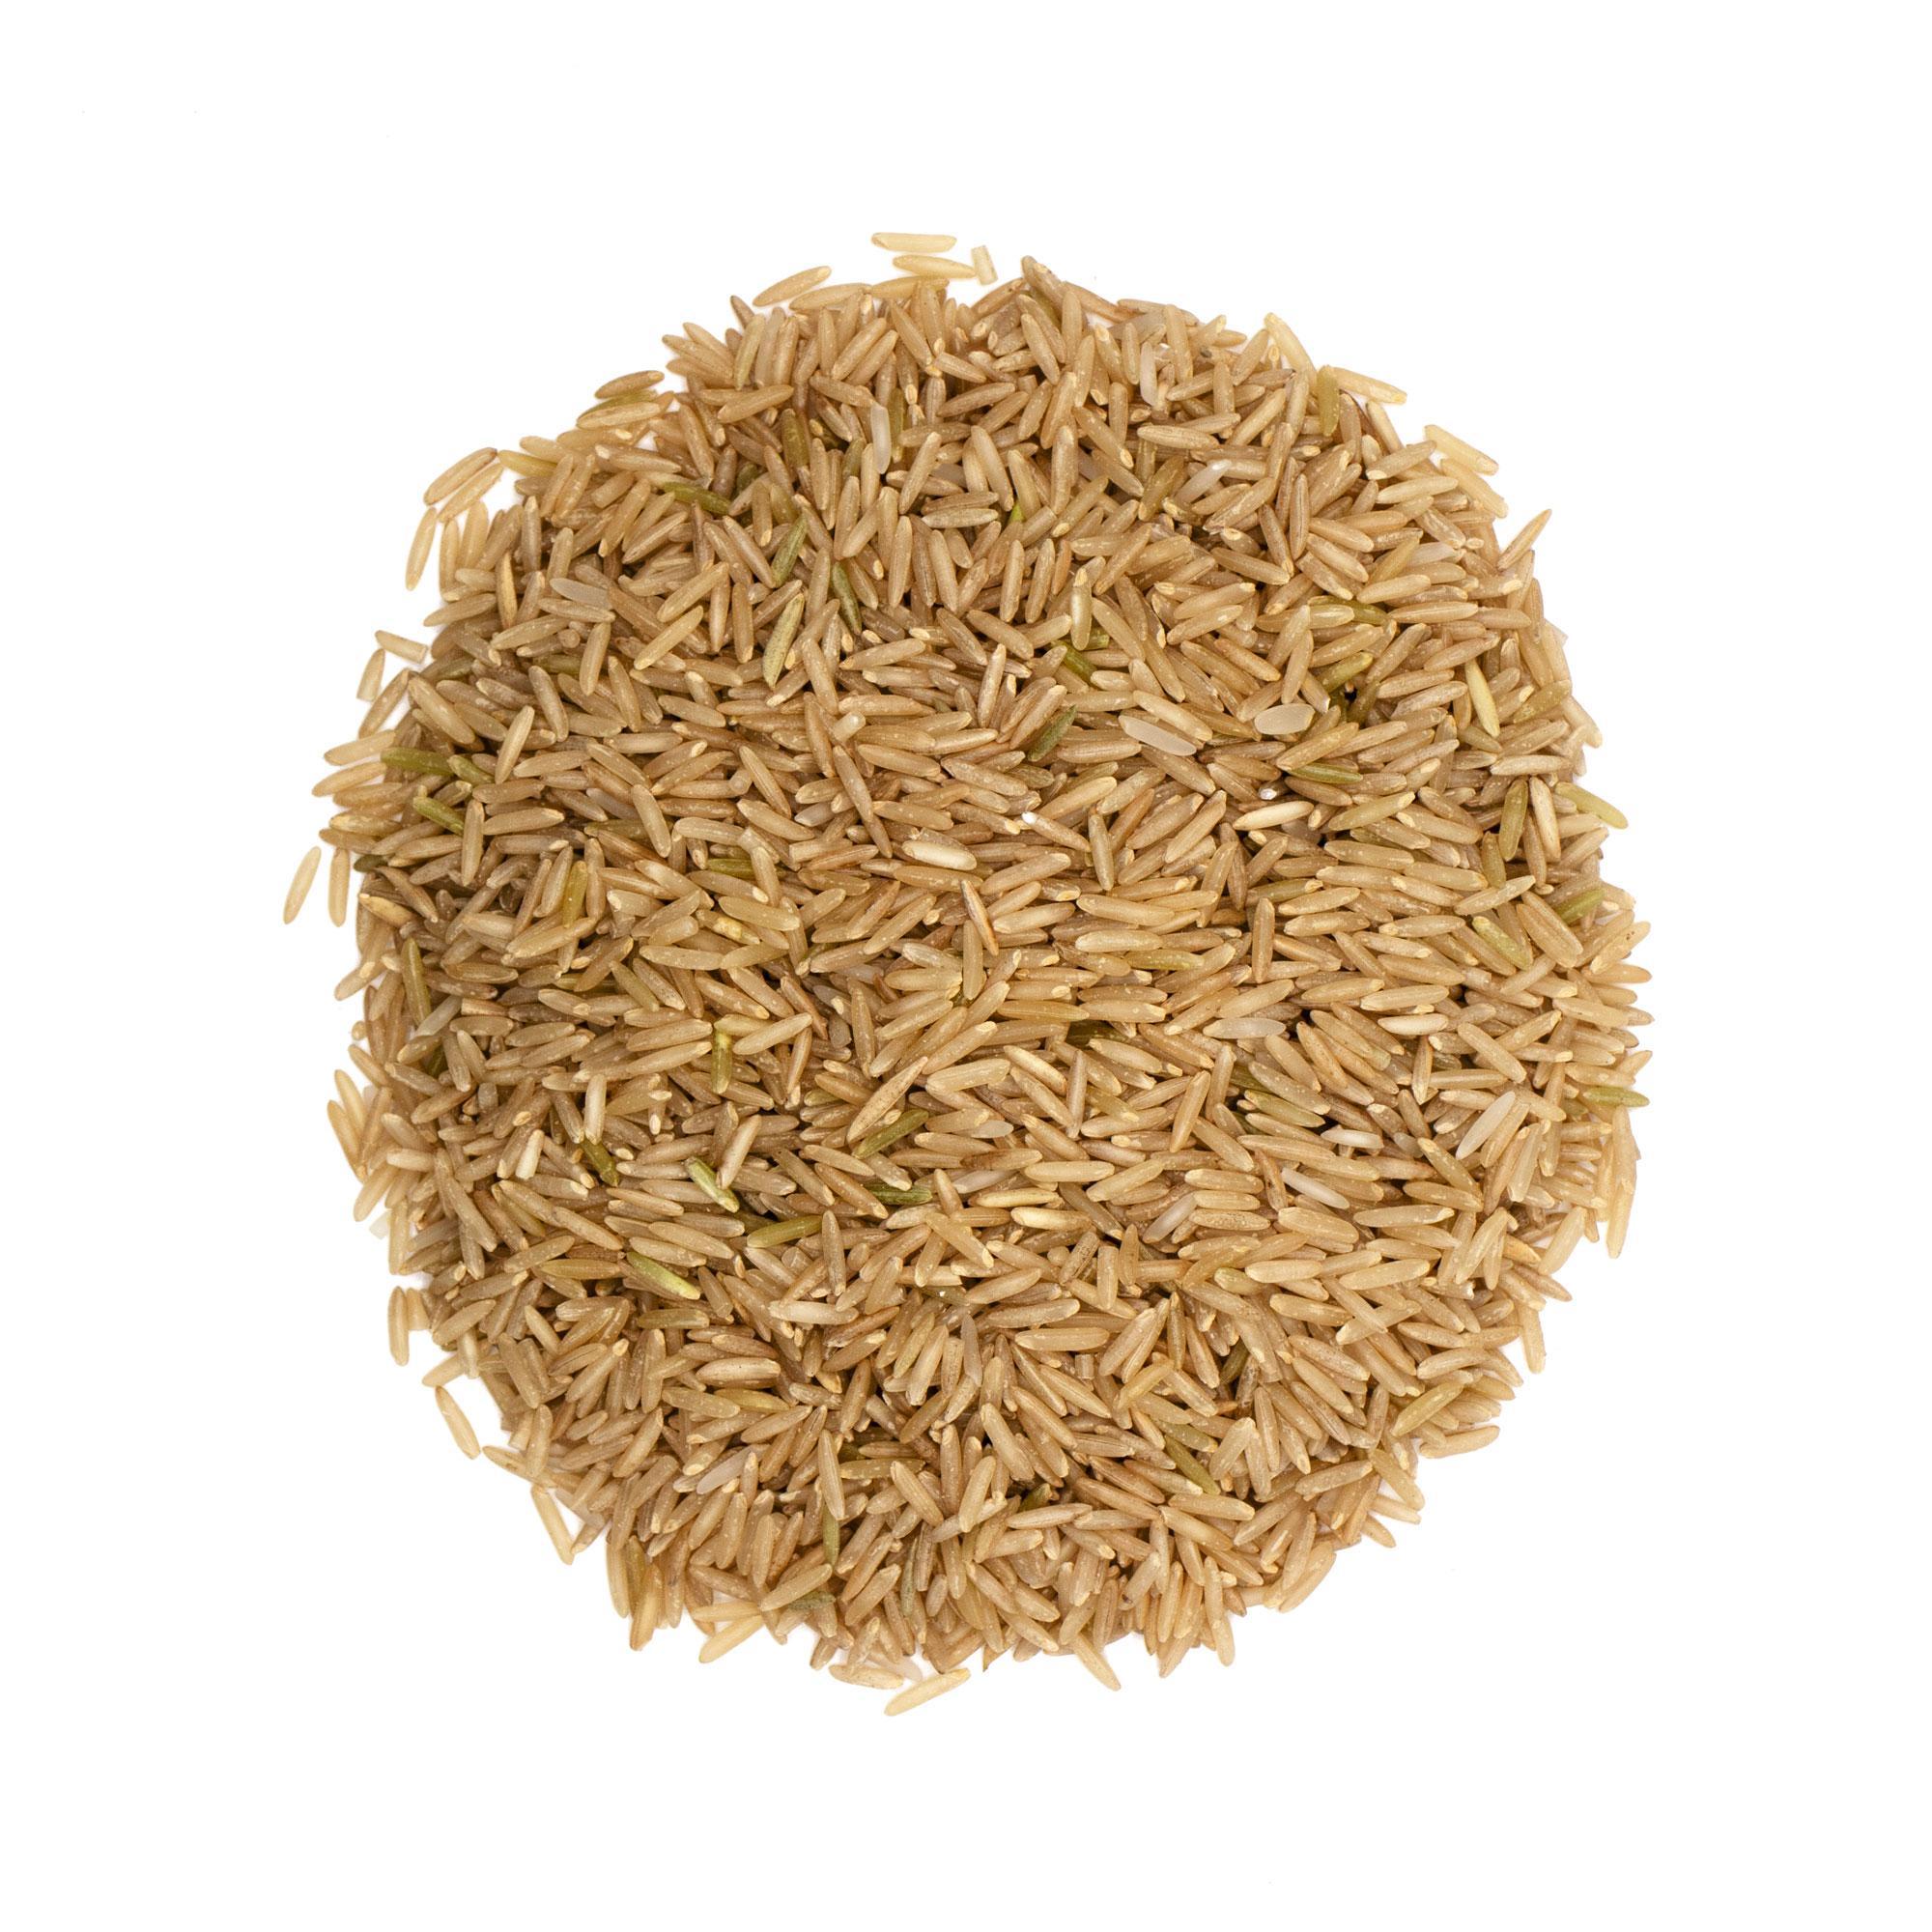 img-la-fourche-1kg-de-riz-basmati-complet-en-vrac-bio